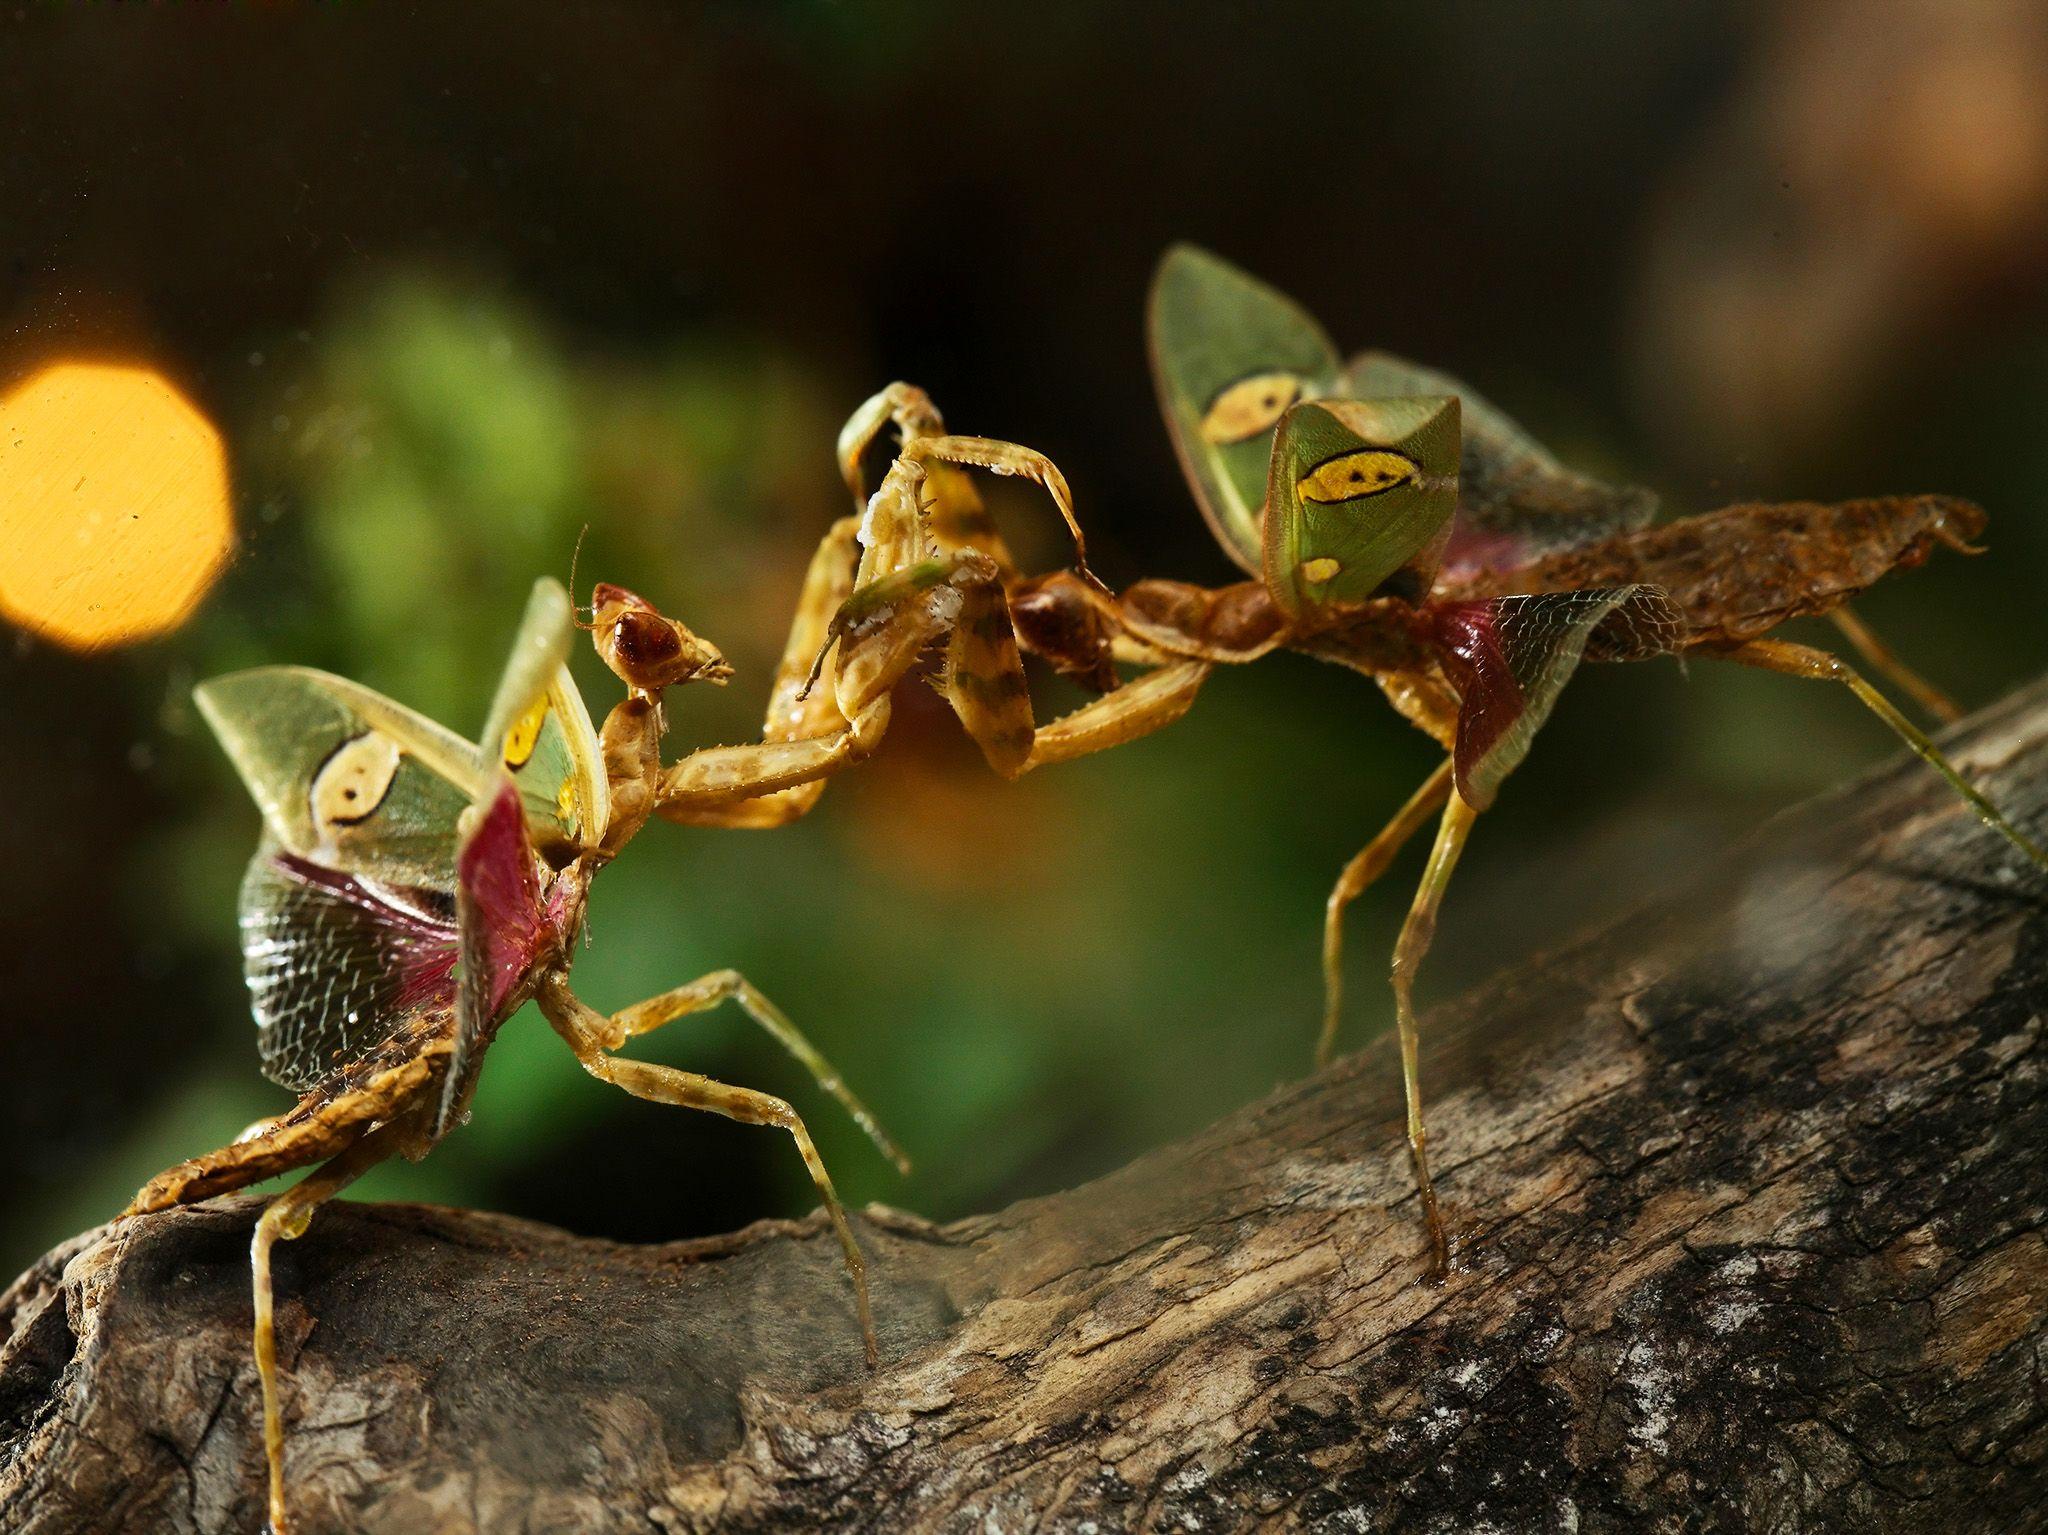 تشتهر حشرات السرعوف بأنها تأكل بعضها، لذا على الخاسر... [Photo of the day - أغسطس 2020]